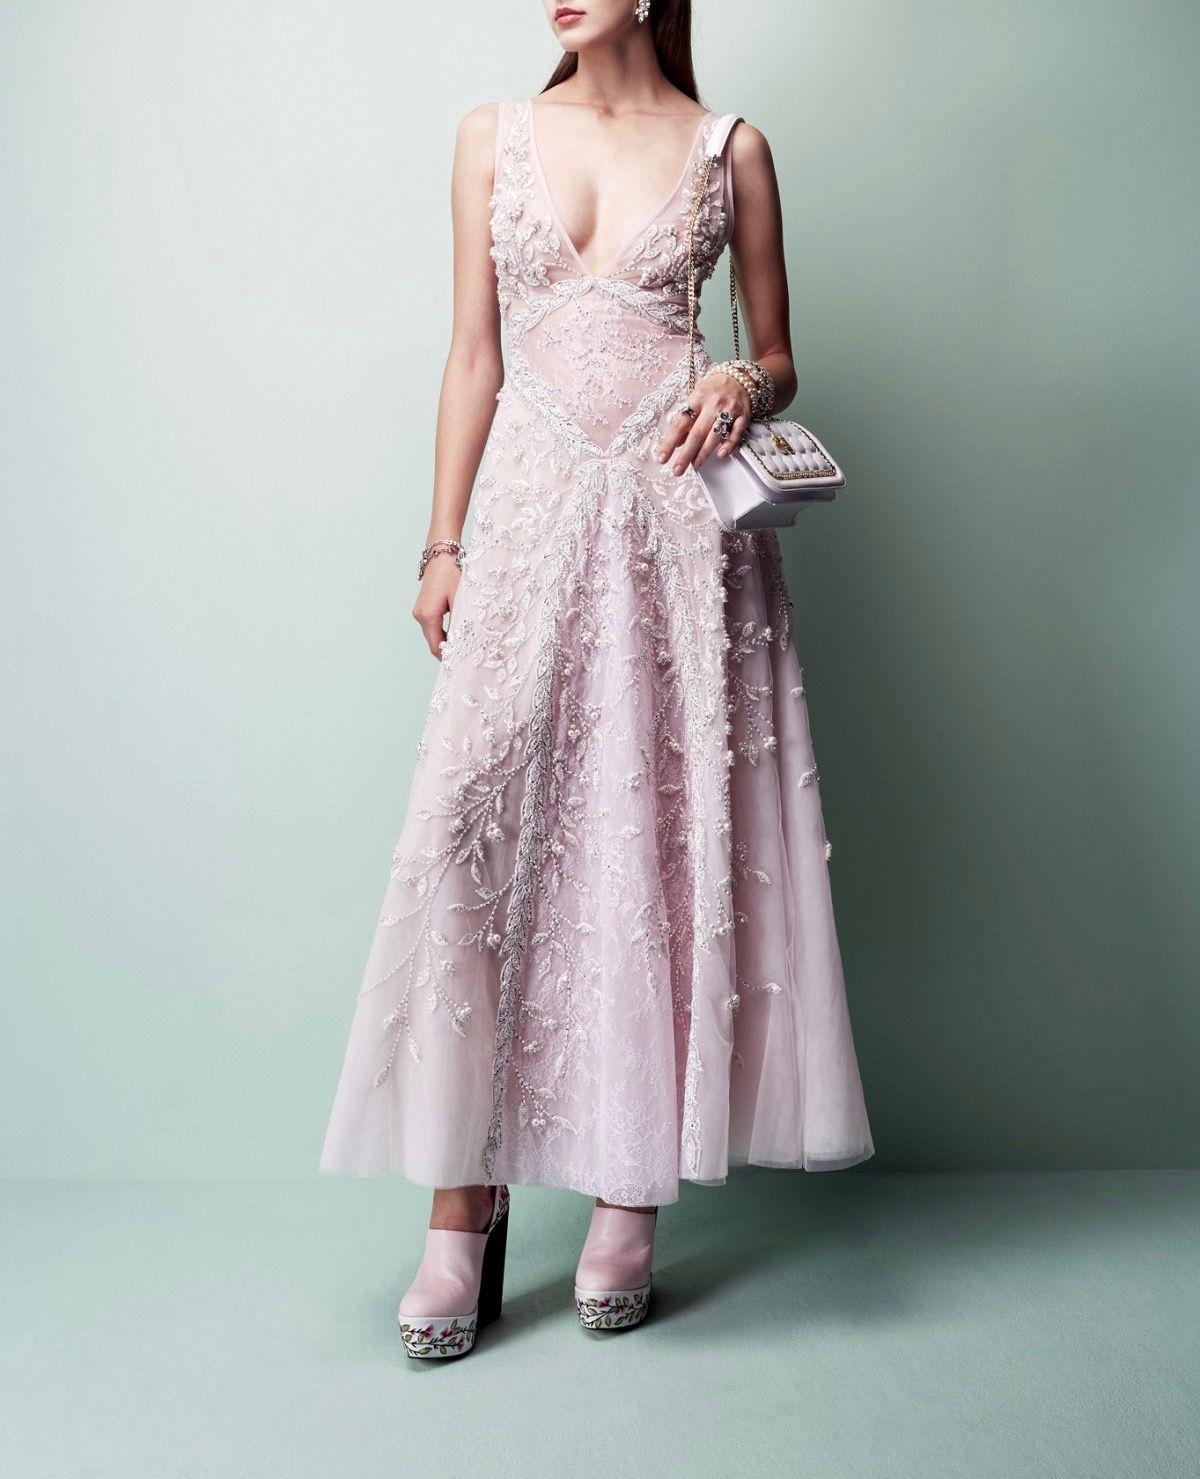 Starry Eyed Lace fashion, Fashion forward dress, Ready